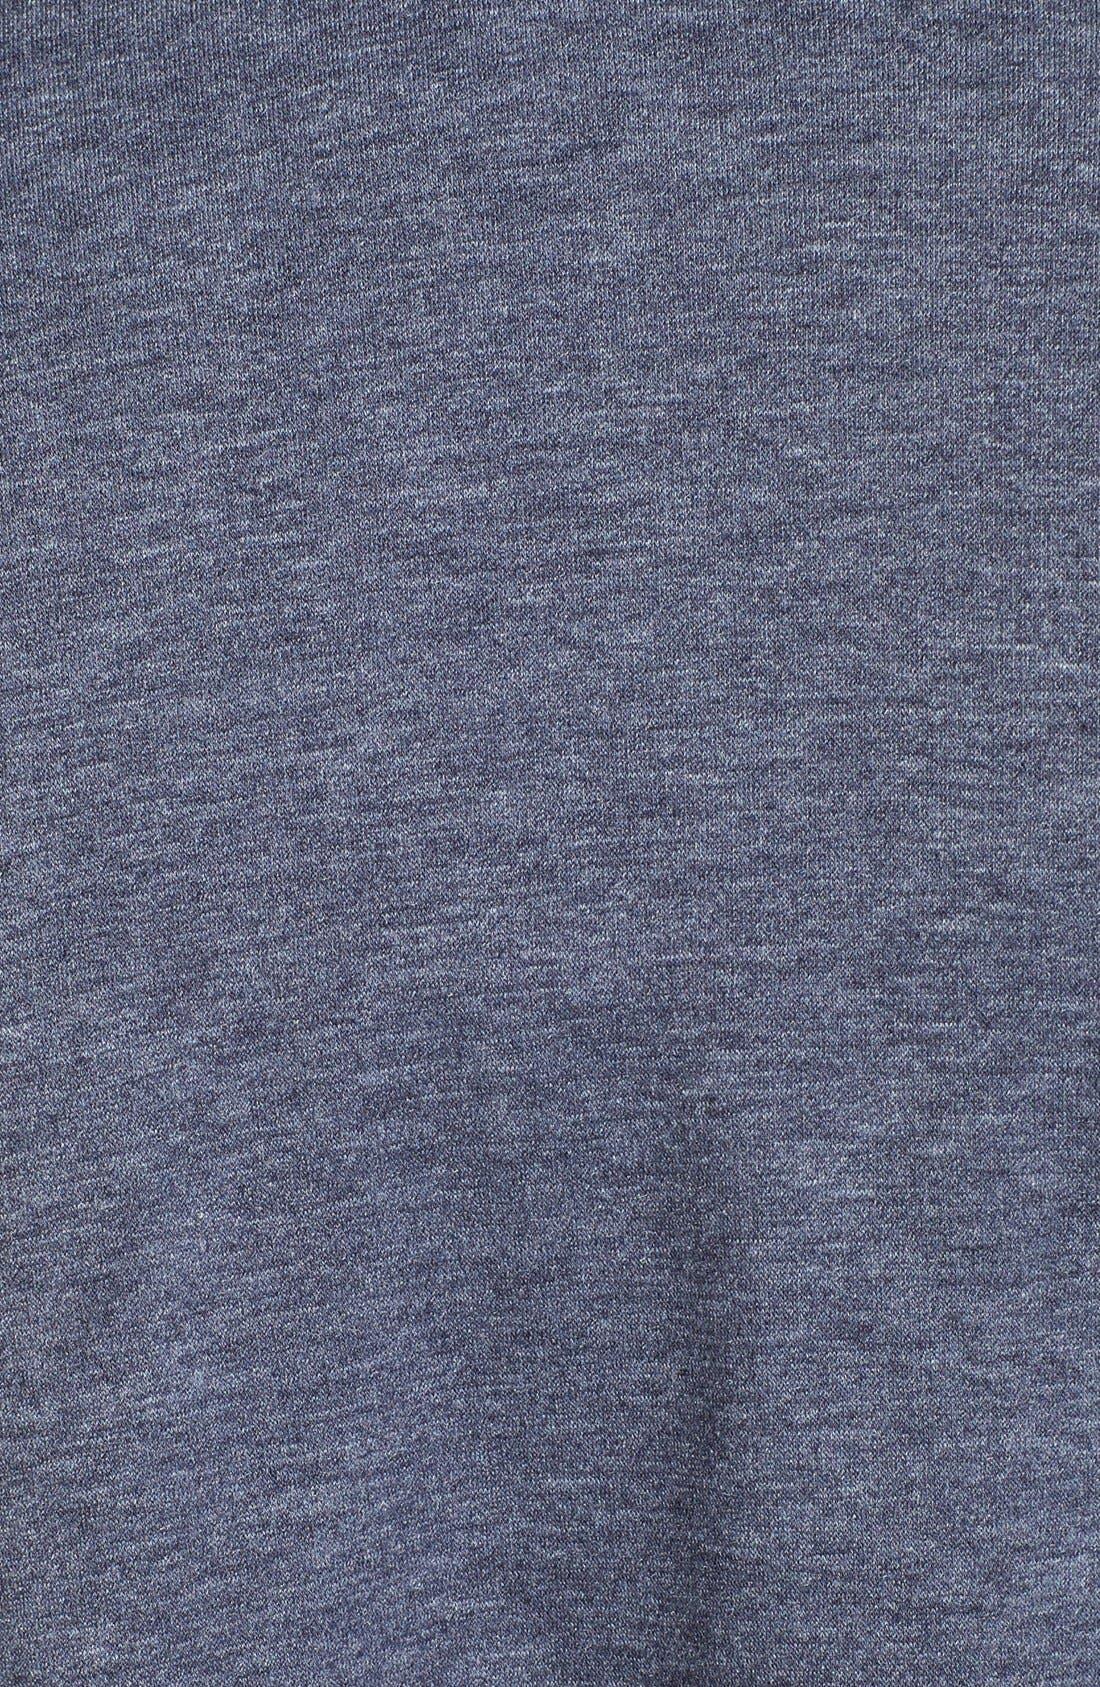 Alternate Image 3  - Bobeau One-Button Fleece Cardigan (Plus Size)